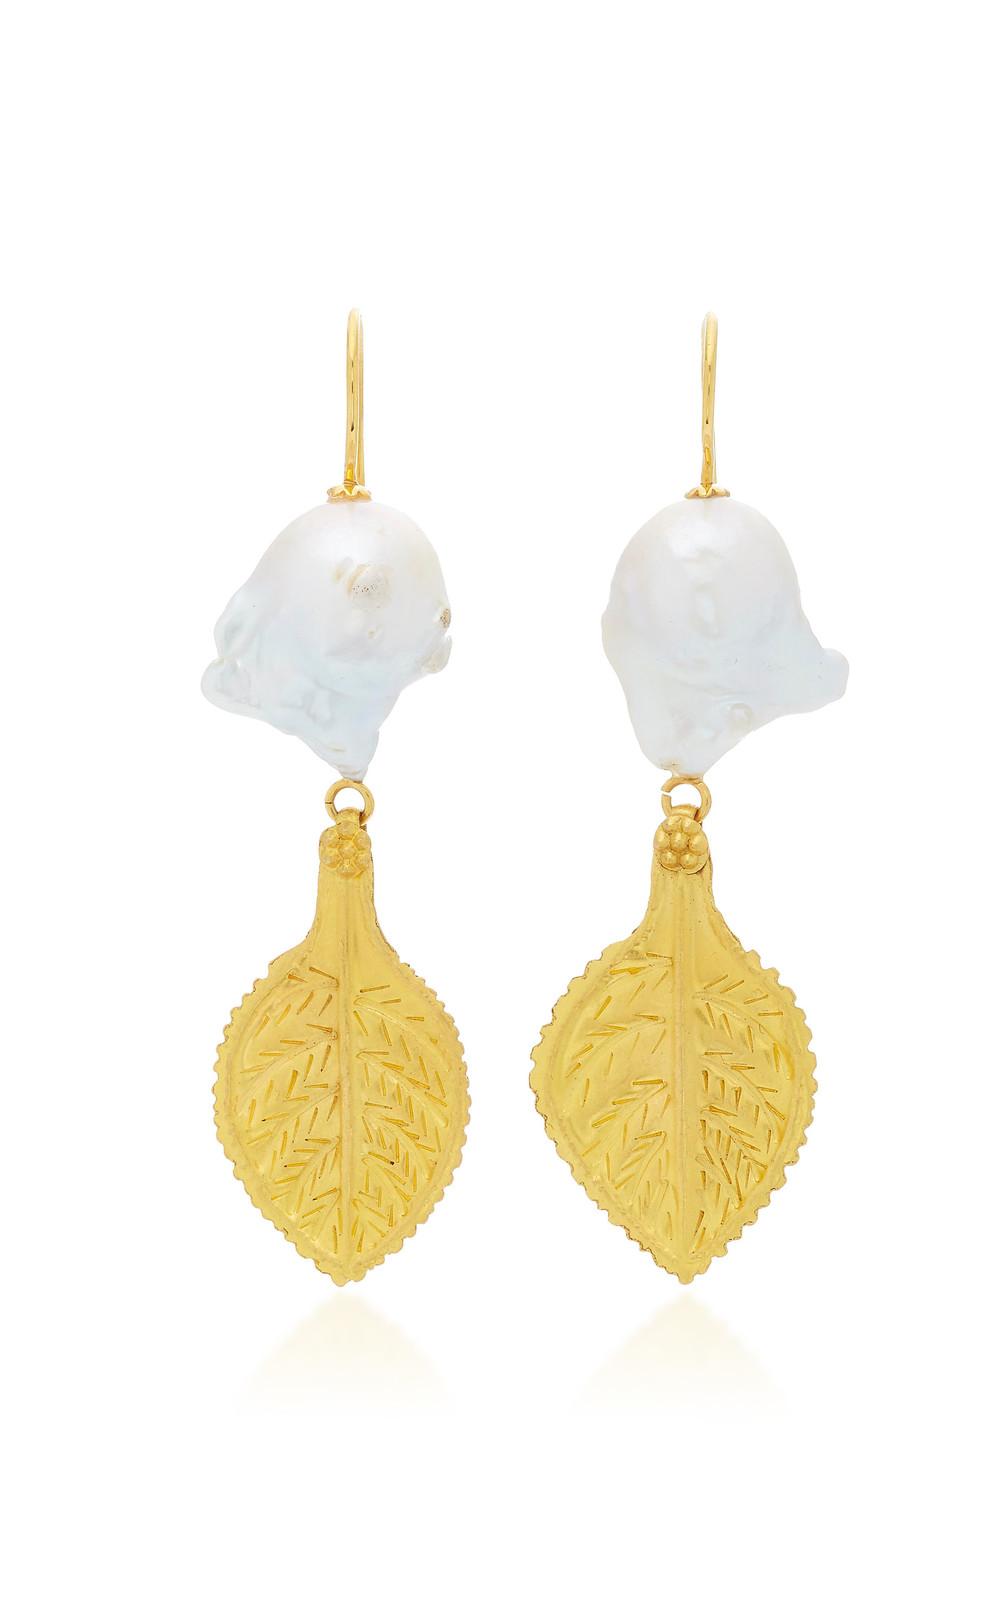 Ranjana Khan Gold Leaf and Pearl Earrings in multi